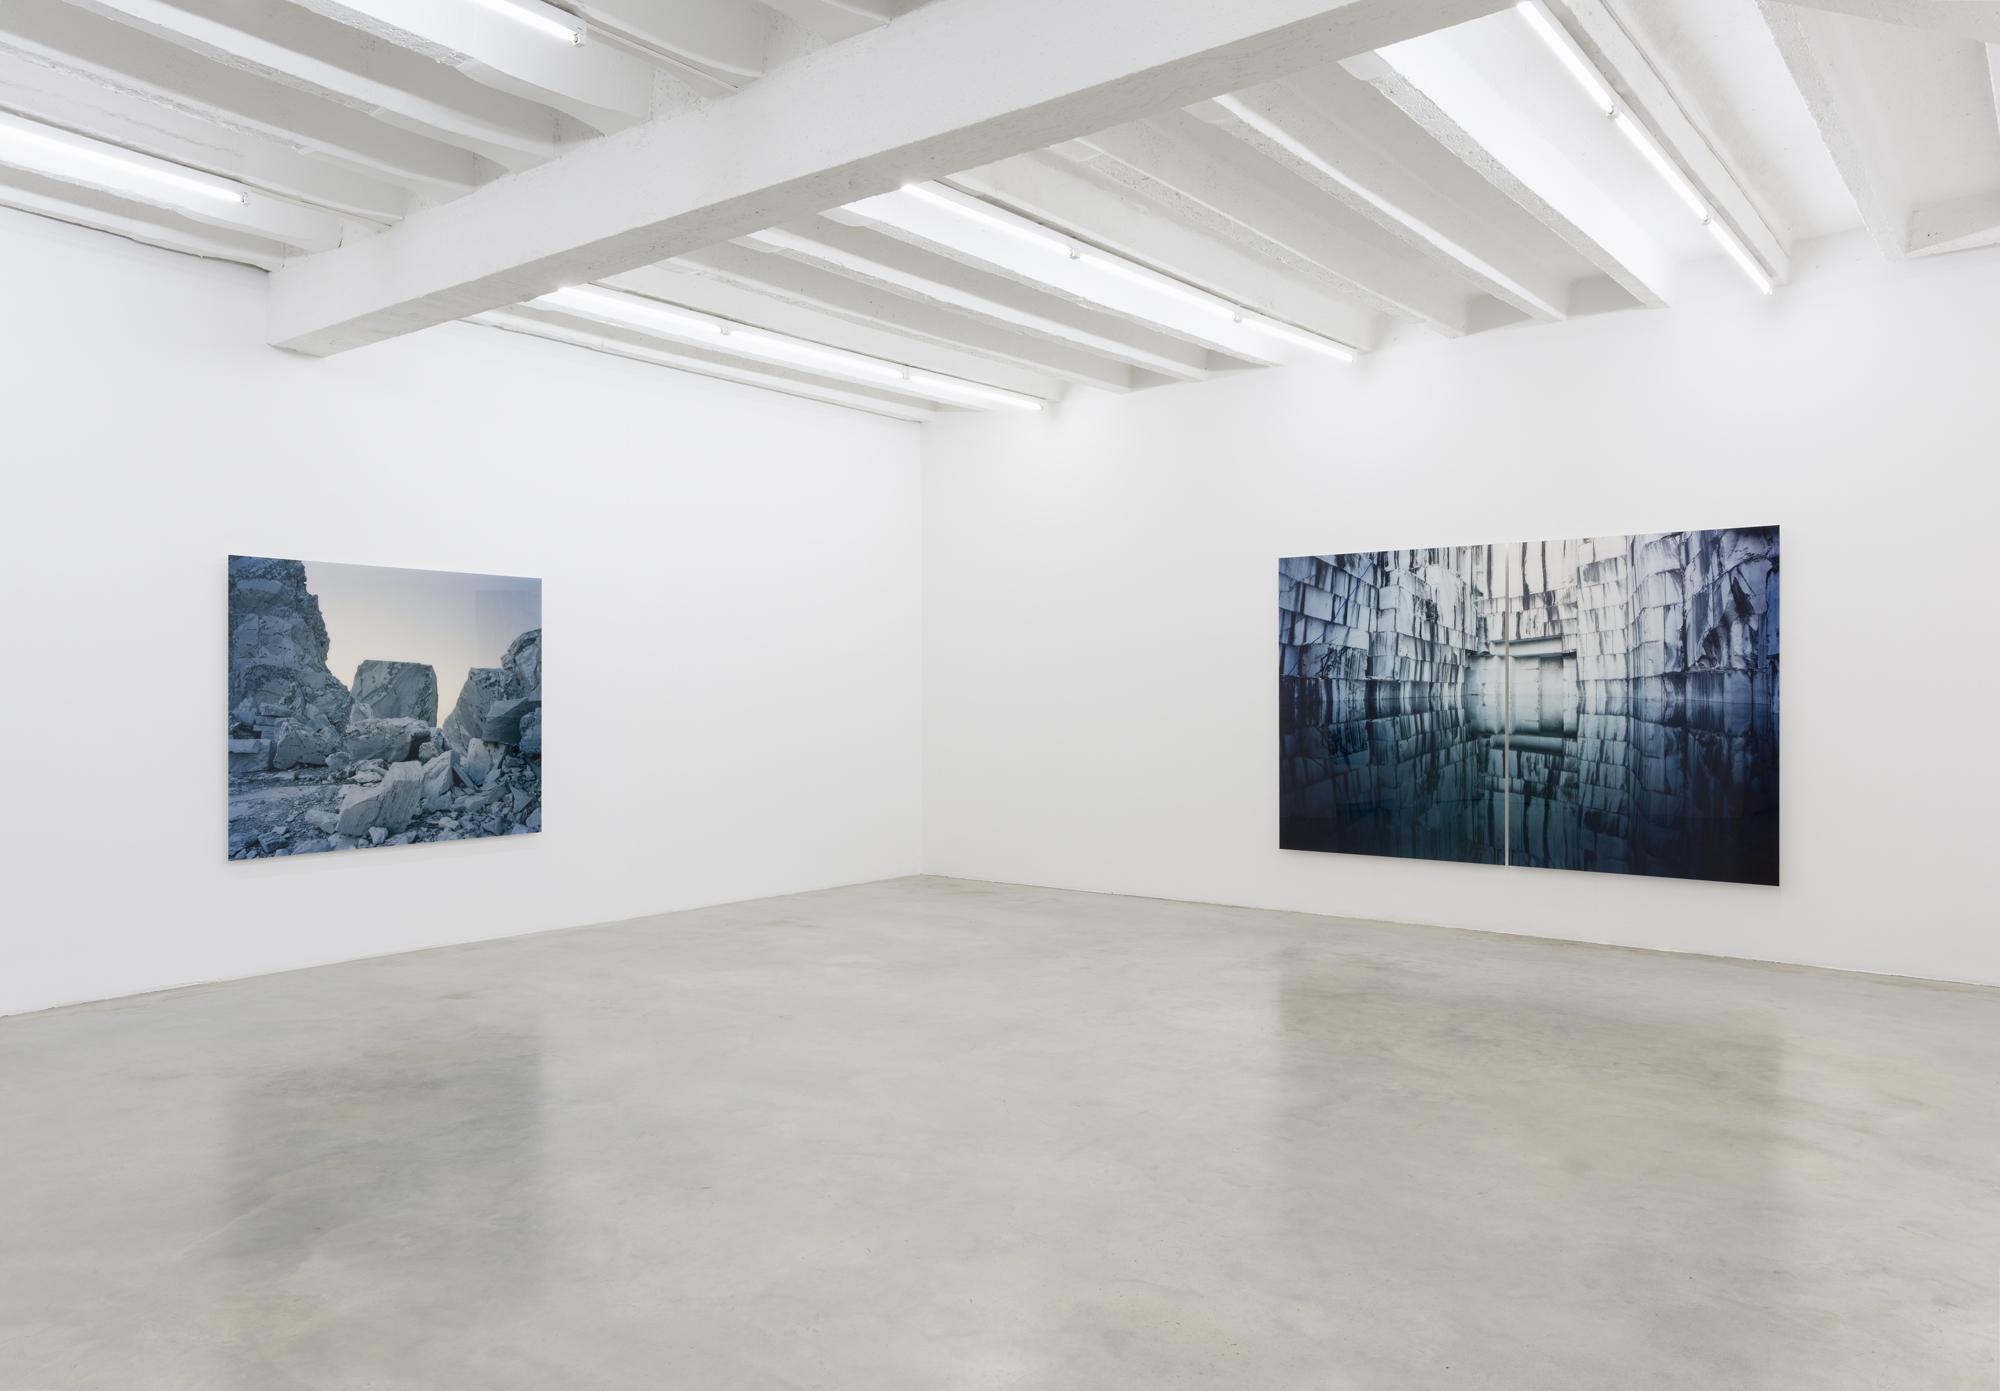 Primož Bizjak, Alpi Apuane, exhibition view, Galerija Gregor Podnar, Berlin, 2018. Photo: Marcus Schneider